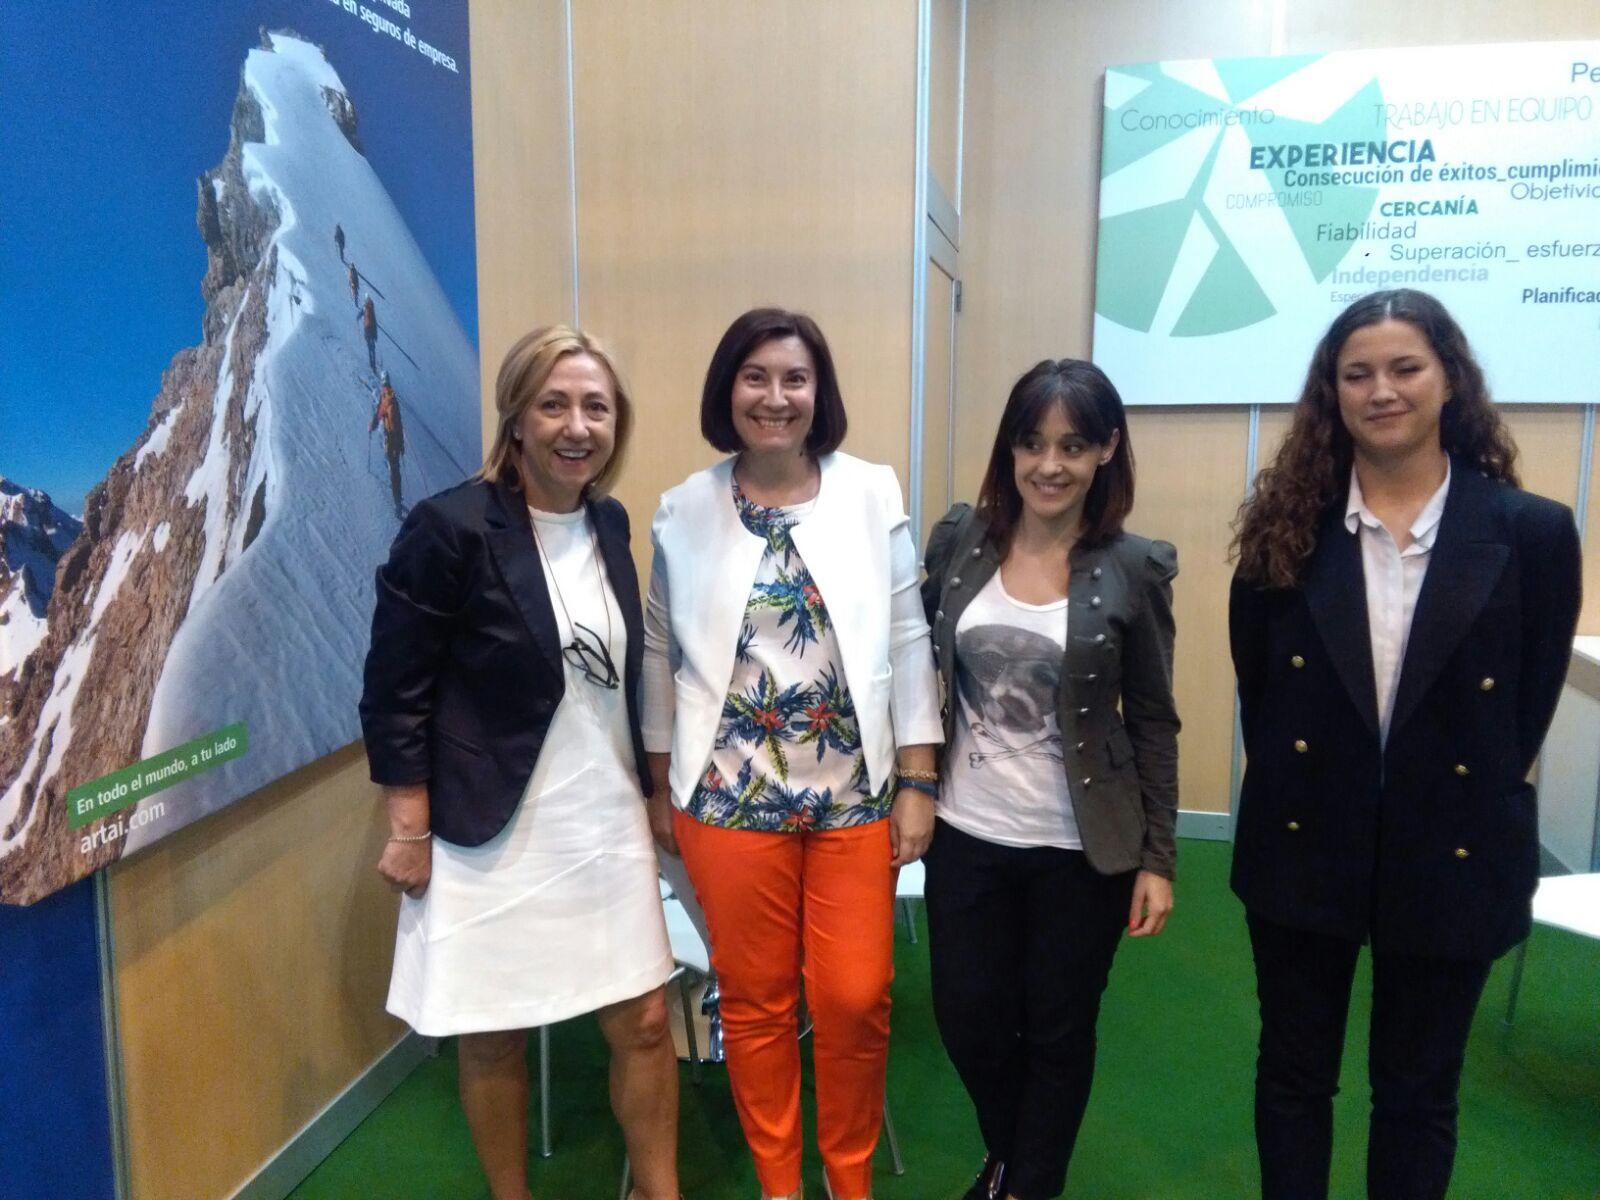 ARTAI participa en FIAA 2017 y acerca su premiada aplicación NET FLOTAS a los profesionales del sector